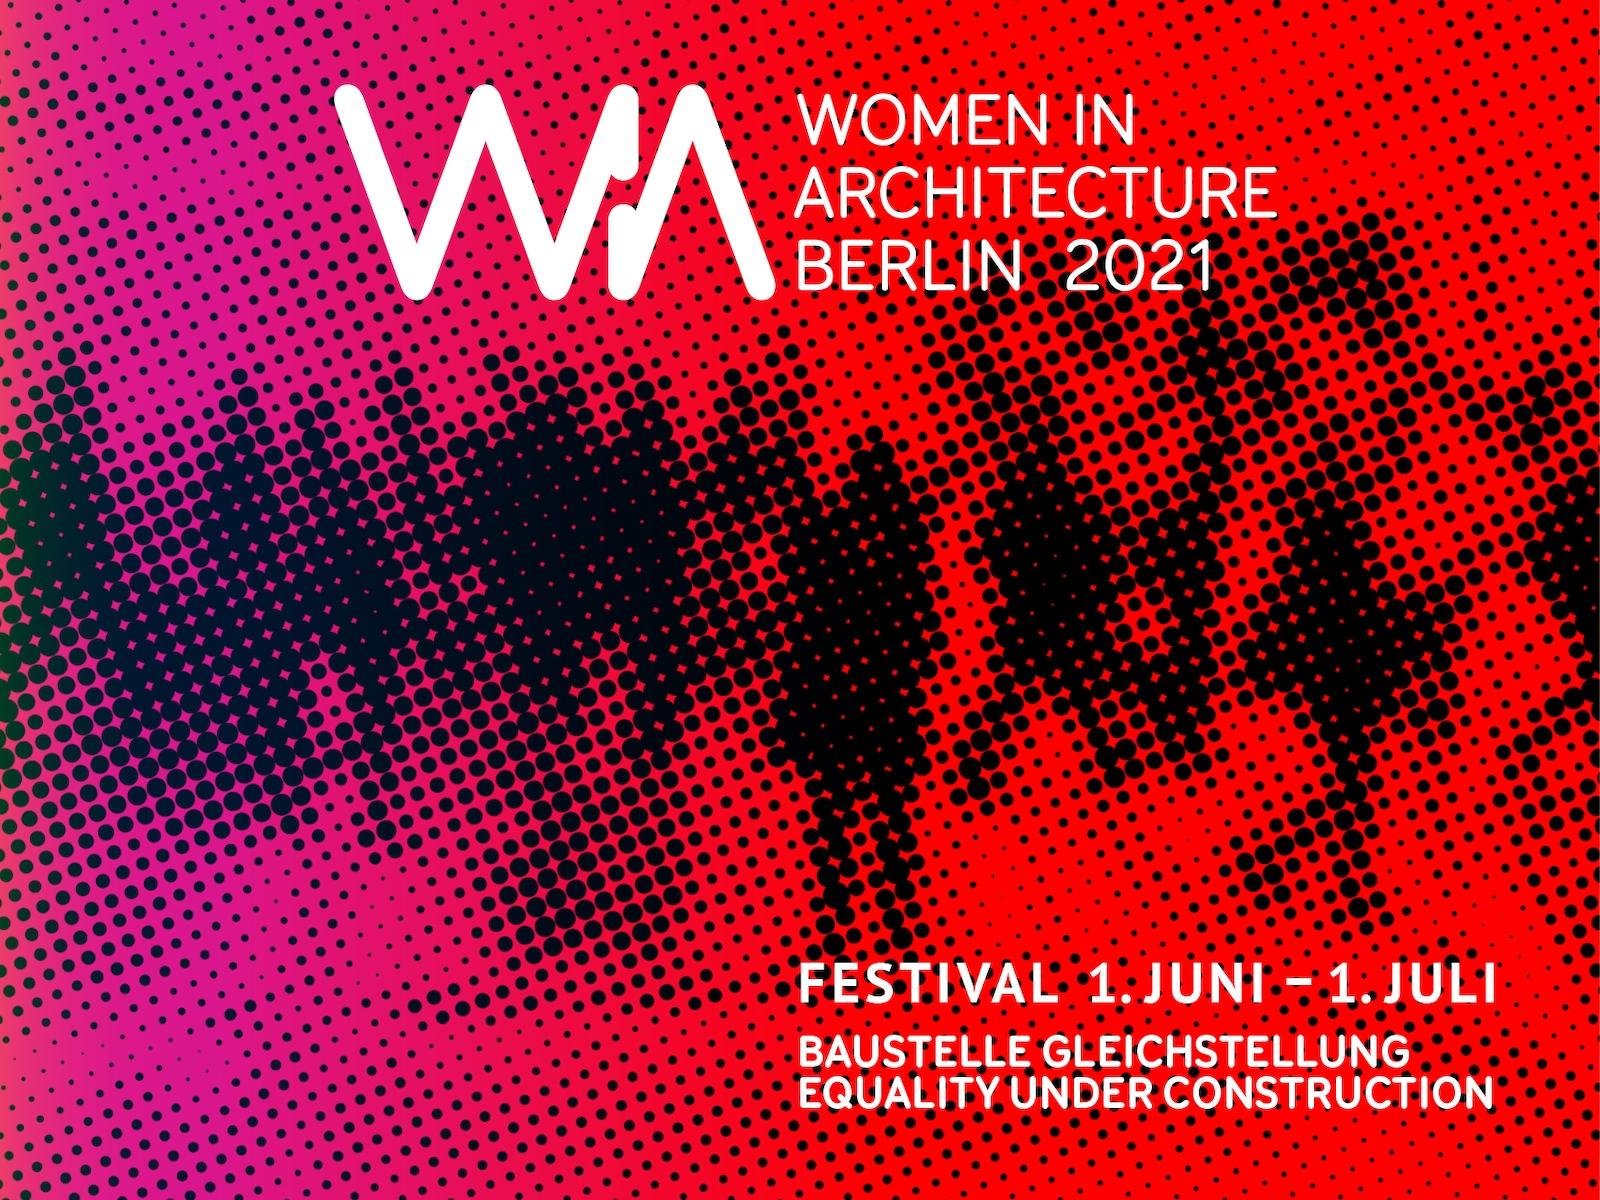 """Frauen in der Architektur: Festival """"WIA Berlin 2021"""" mit über 60 Veranstaltungen (Bild: WIA Berlin / Anja Matzker)"""